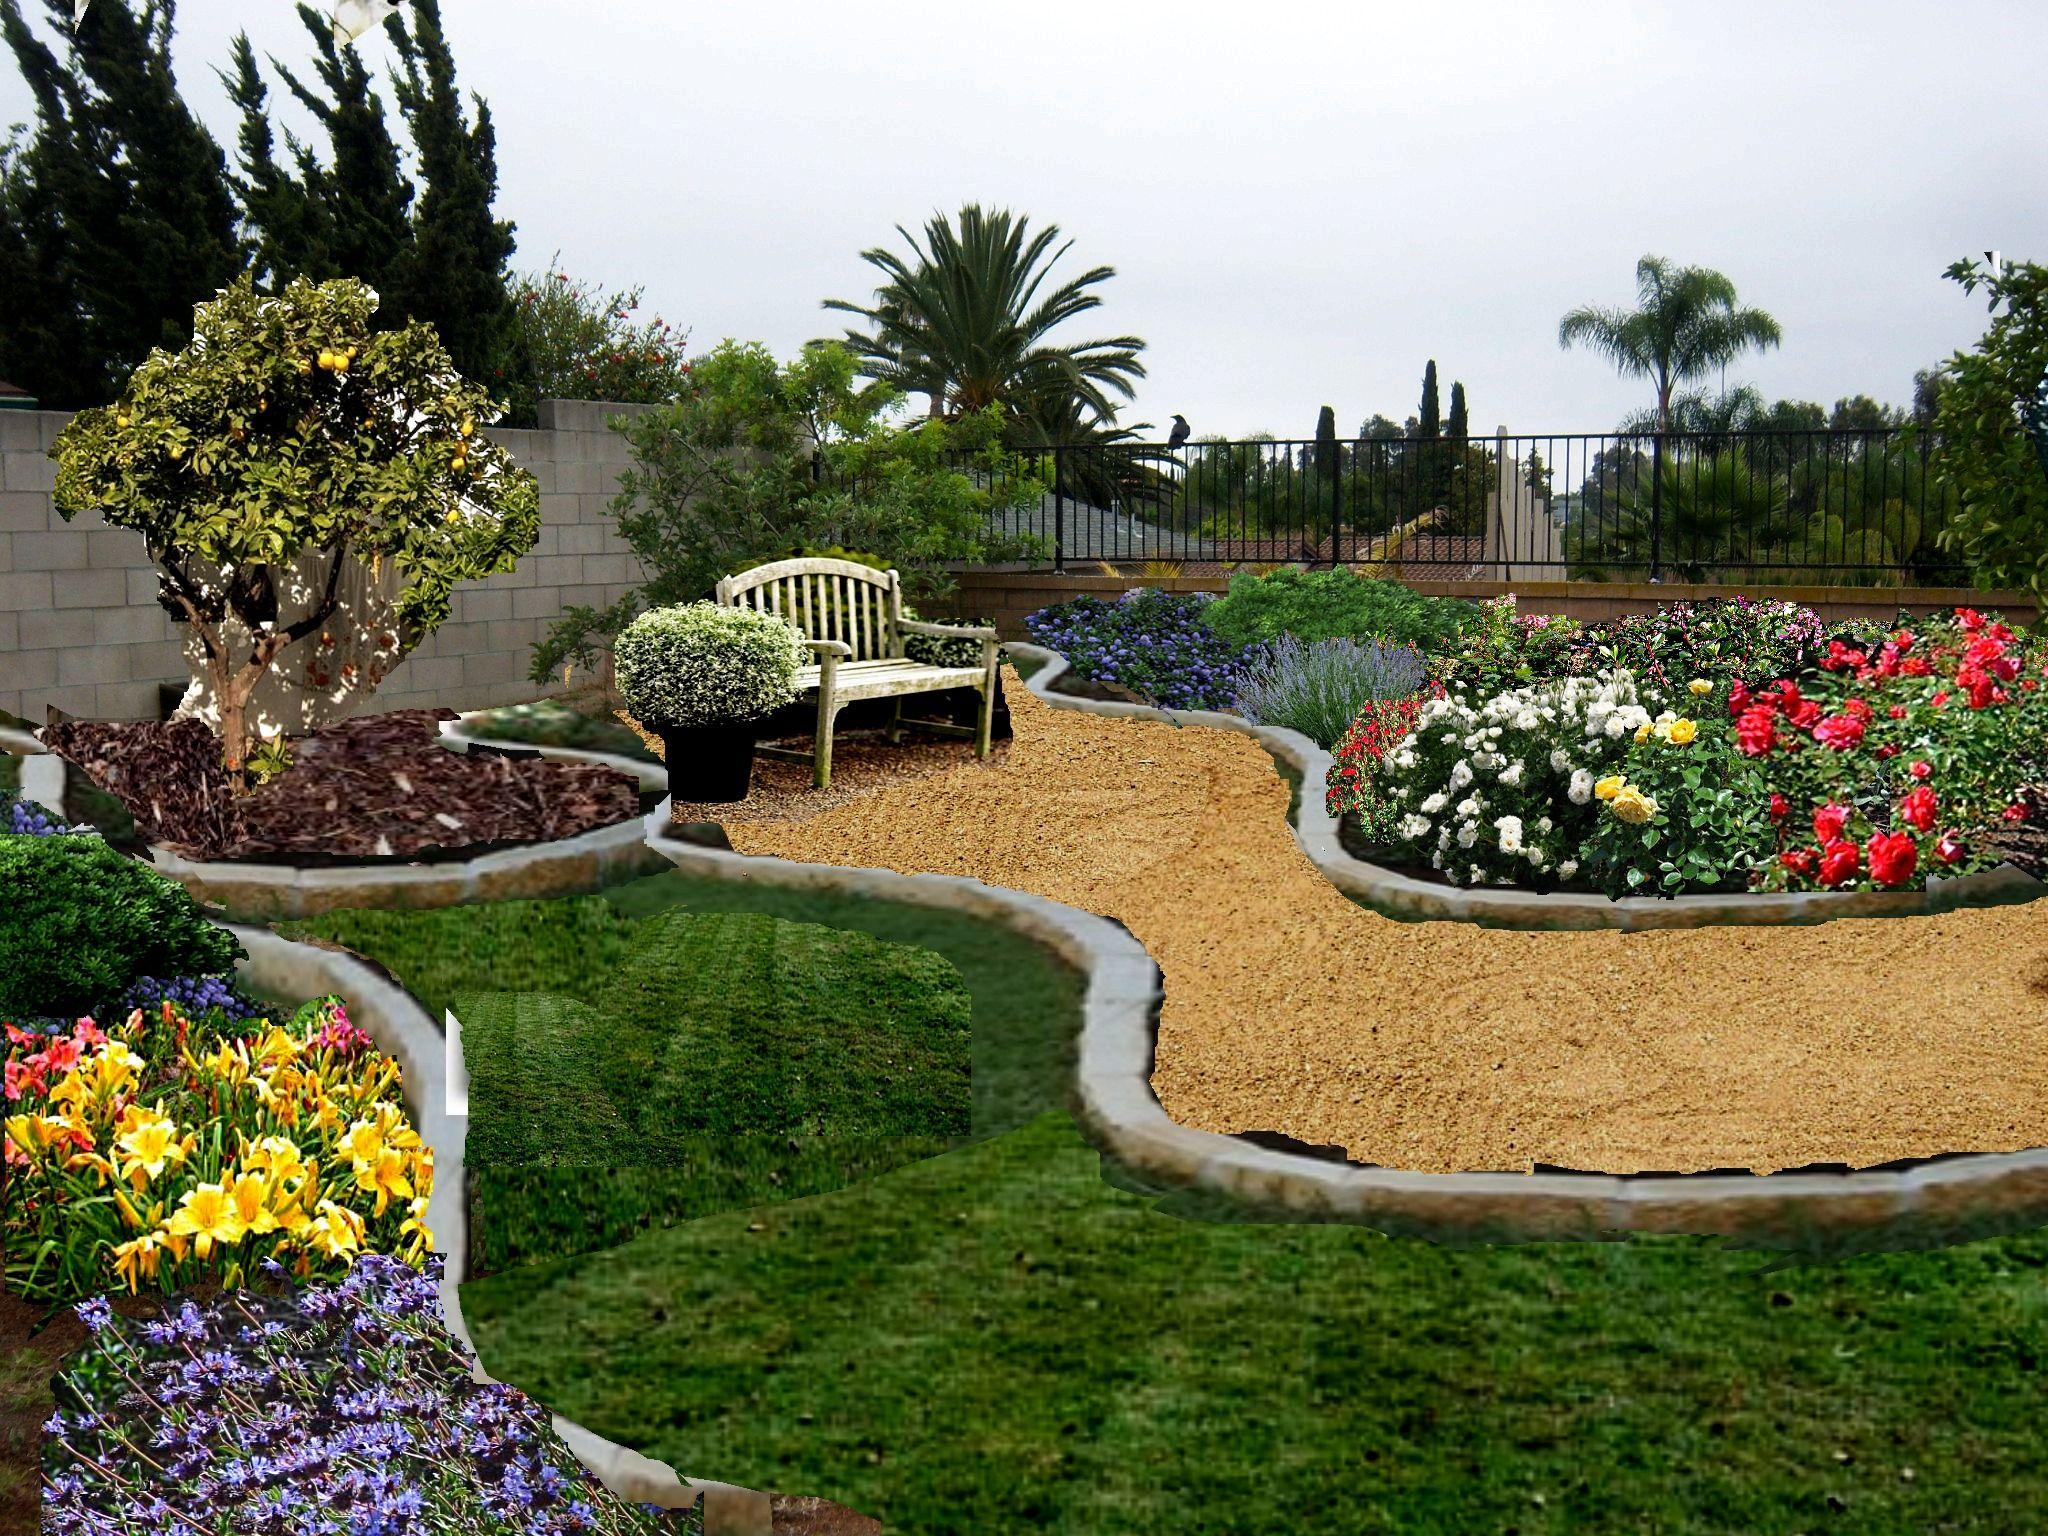 New home garden  Rock Garden idea  New garden  Pinterest  Garden ideas Gardens